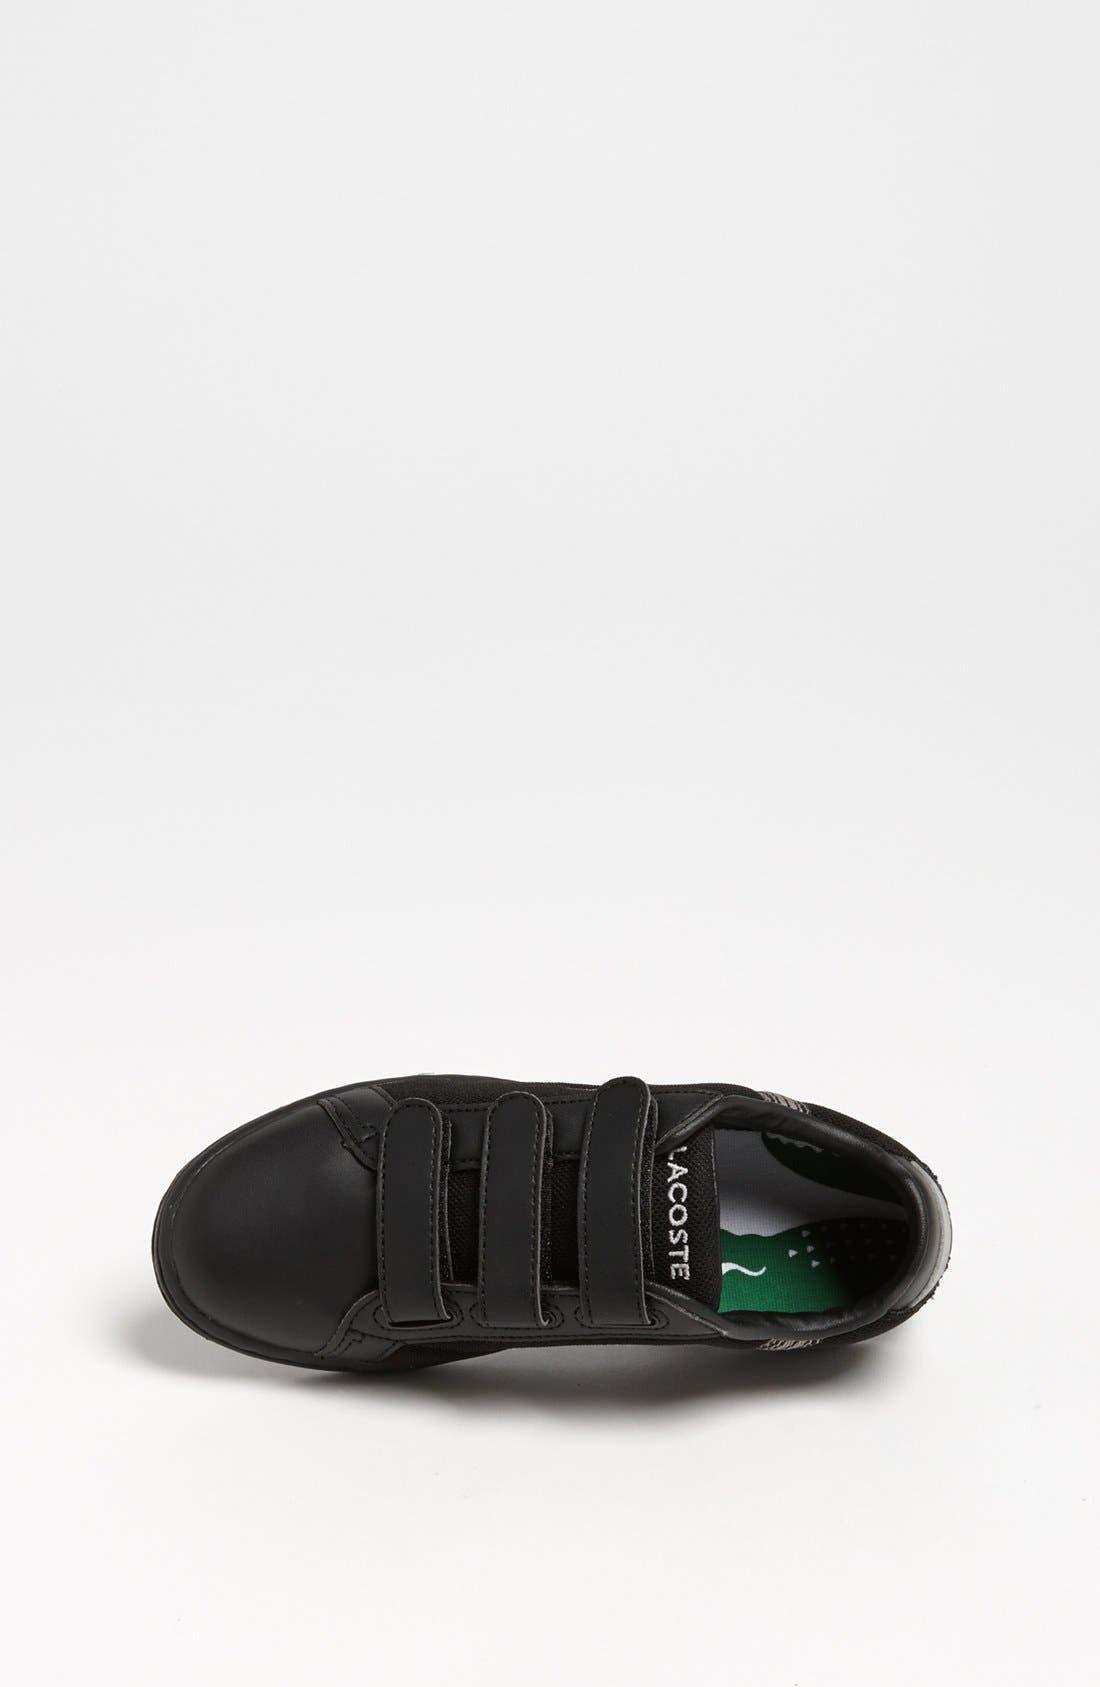 Alternate Image 3  - Lacoste 'Renard' Sneaker (Toddler & Little Kid)